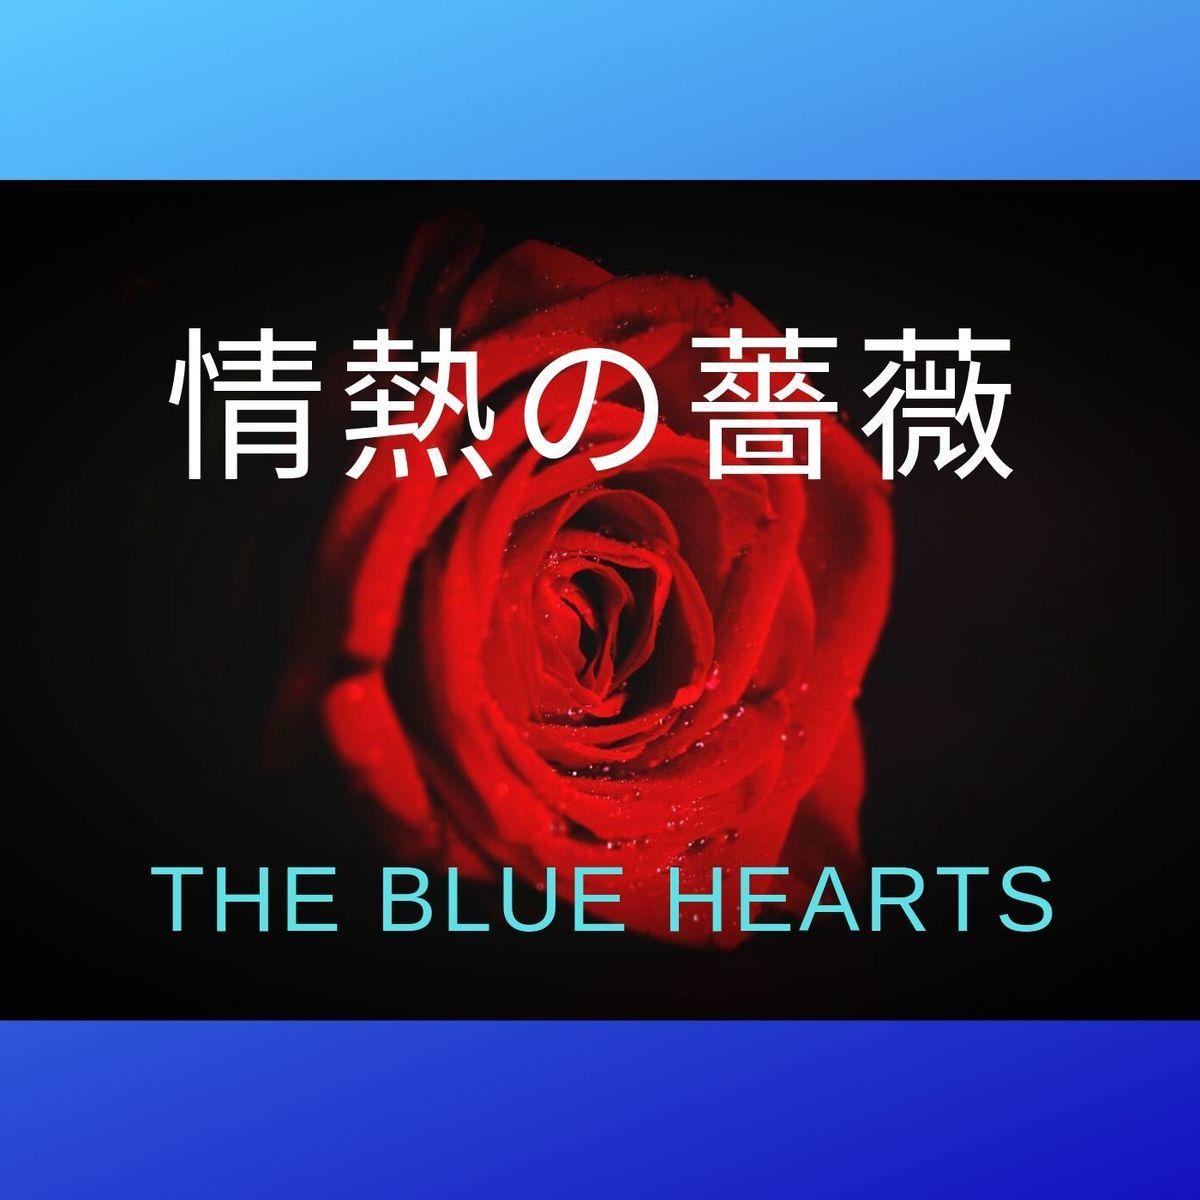 情熱 the の hearts 薔薇 blue 情熱の薔薇(THE BLUE